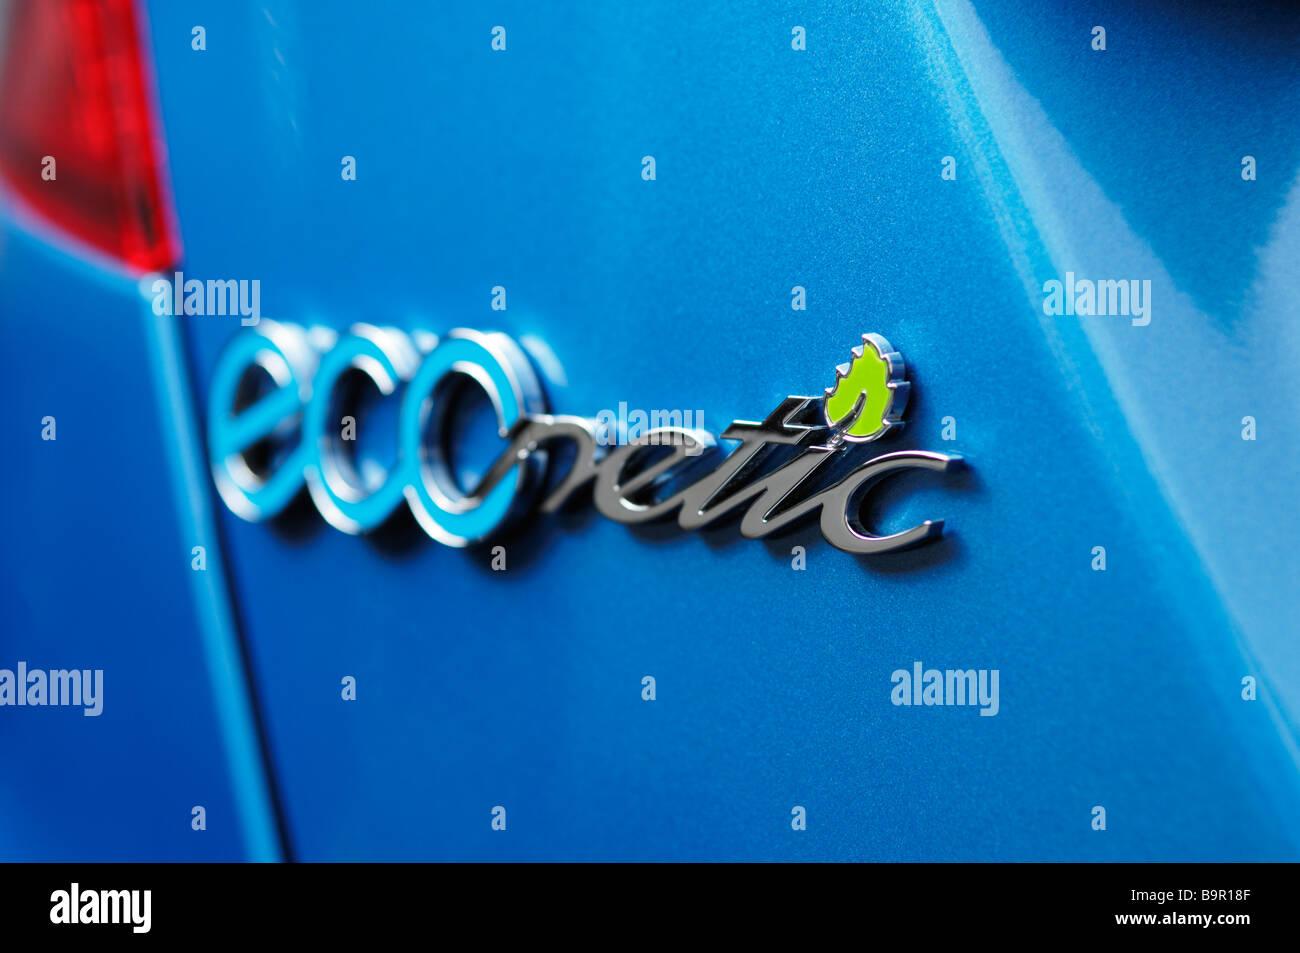 ECOnetic. Der Name des Modells zum Ford Palette von grüne Autos für die niedrigsten CO2-Emissionen entwickelt Stockbild